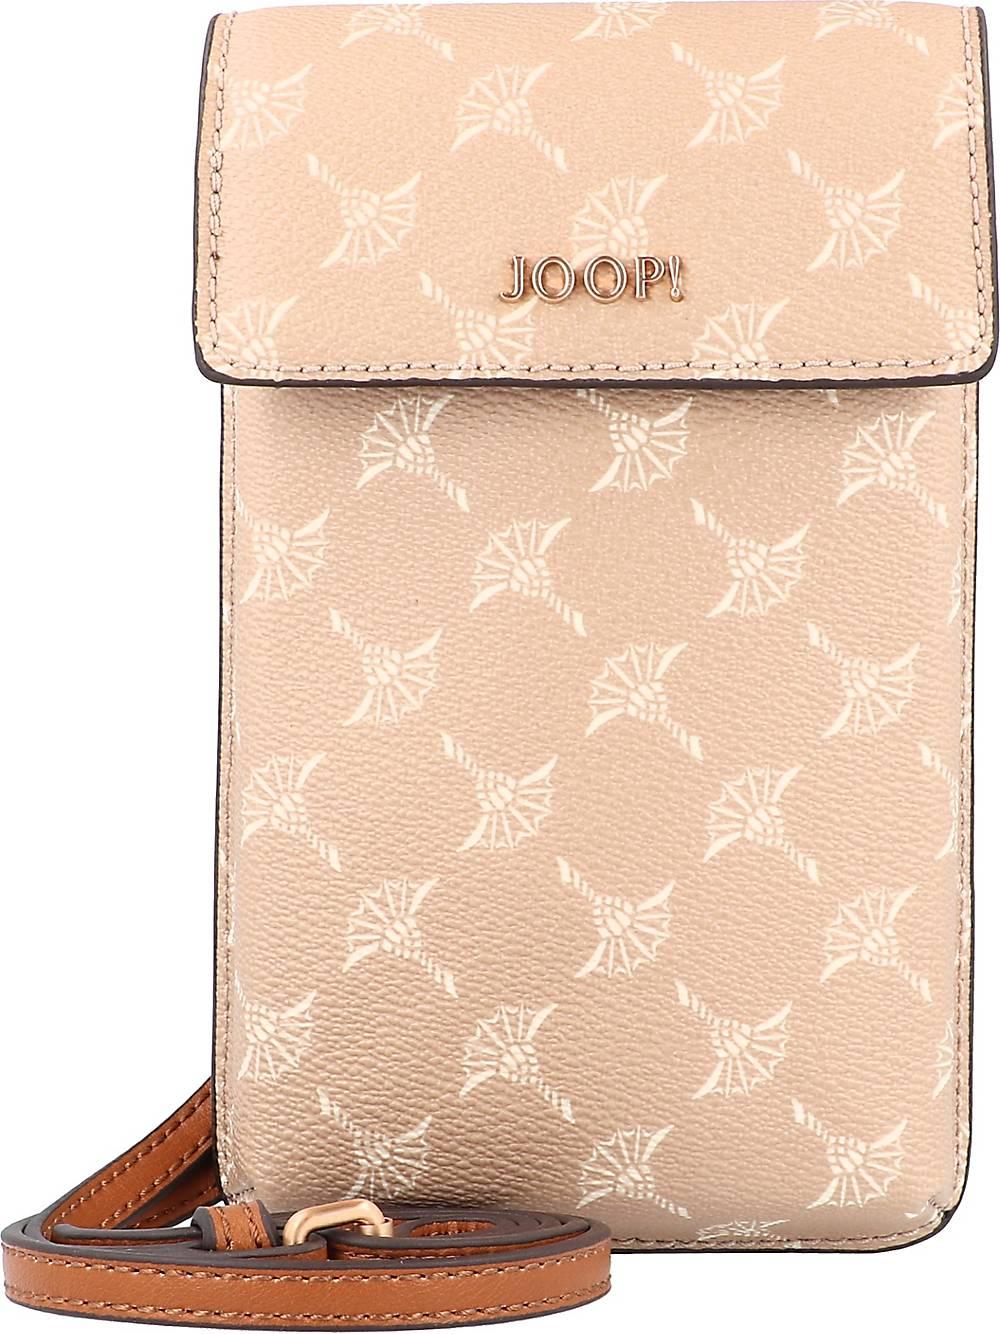 JOOP!, Cortina Pippa Handytasche 11 Cm in rosa, Handyhüllen & Zubehör für Damen